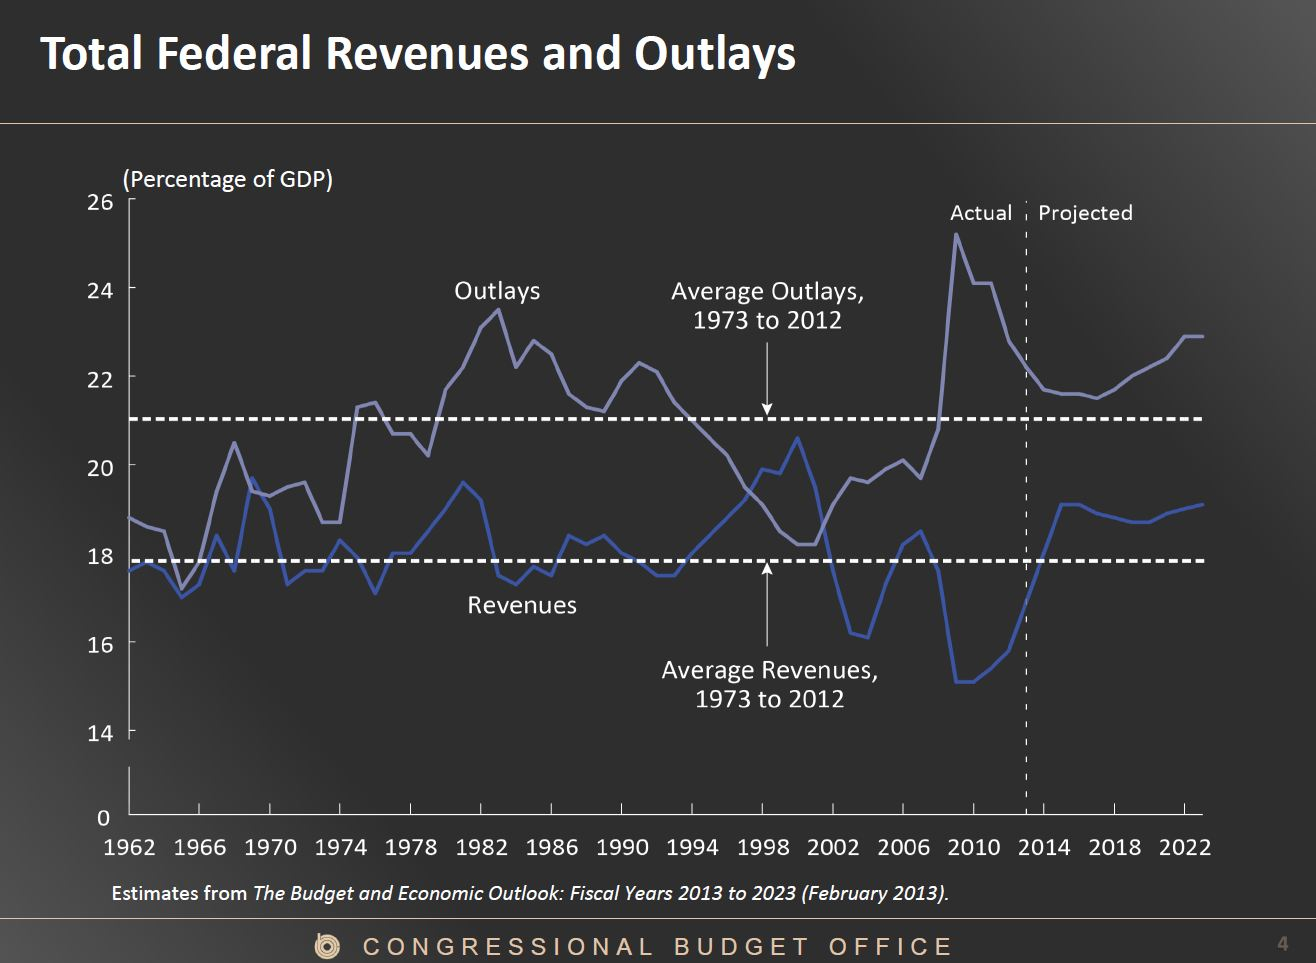 재정 적자가 국가 경제에 미치는 영향은? ②